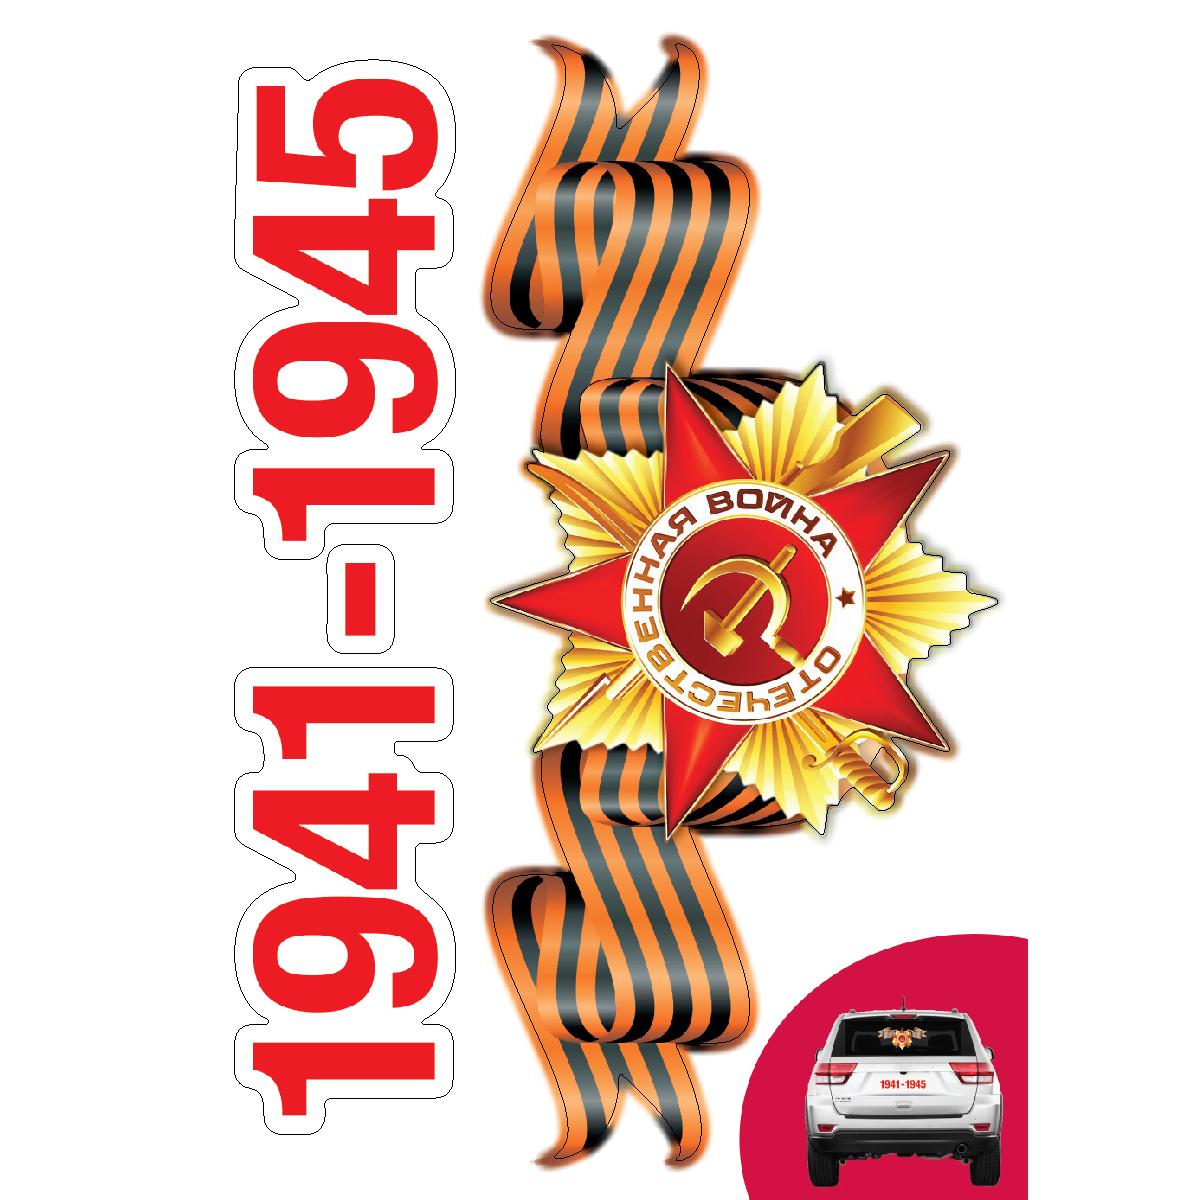 Наклейка автомобильная Decoretto Слава Отечеству!, виниловая, 36 х 50 см decoretto картина 98 х 48 см сочные краски декоративное стекло